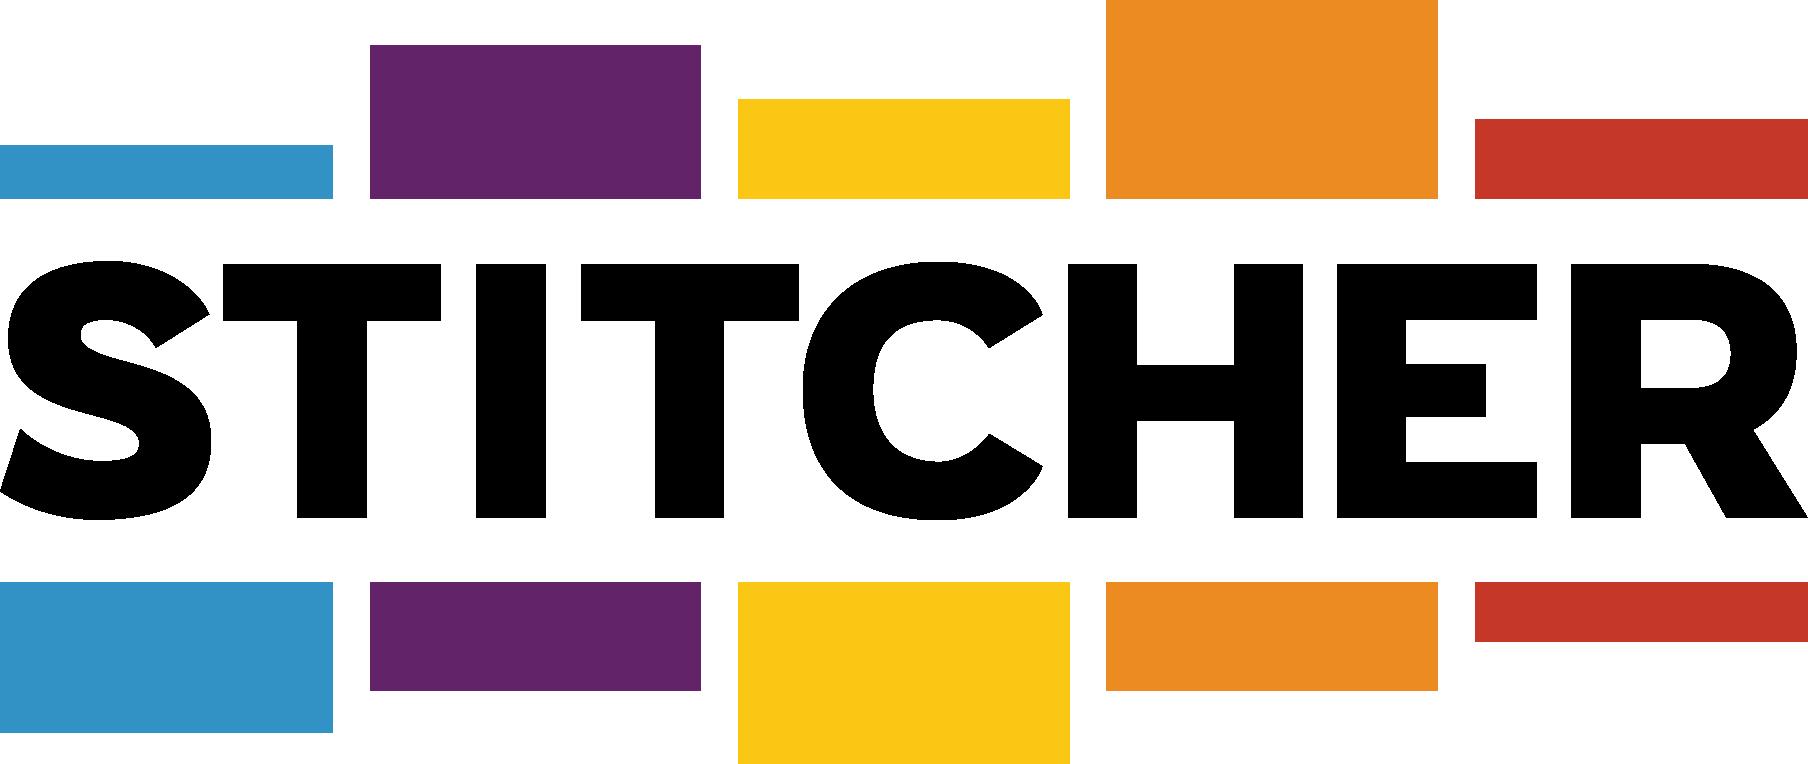 Stitcher_FullColor.png